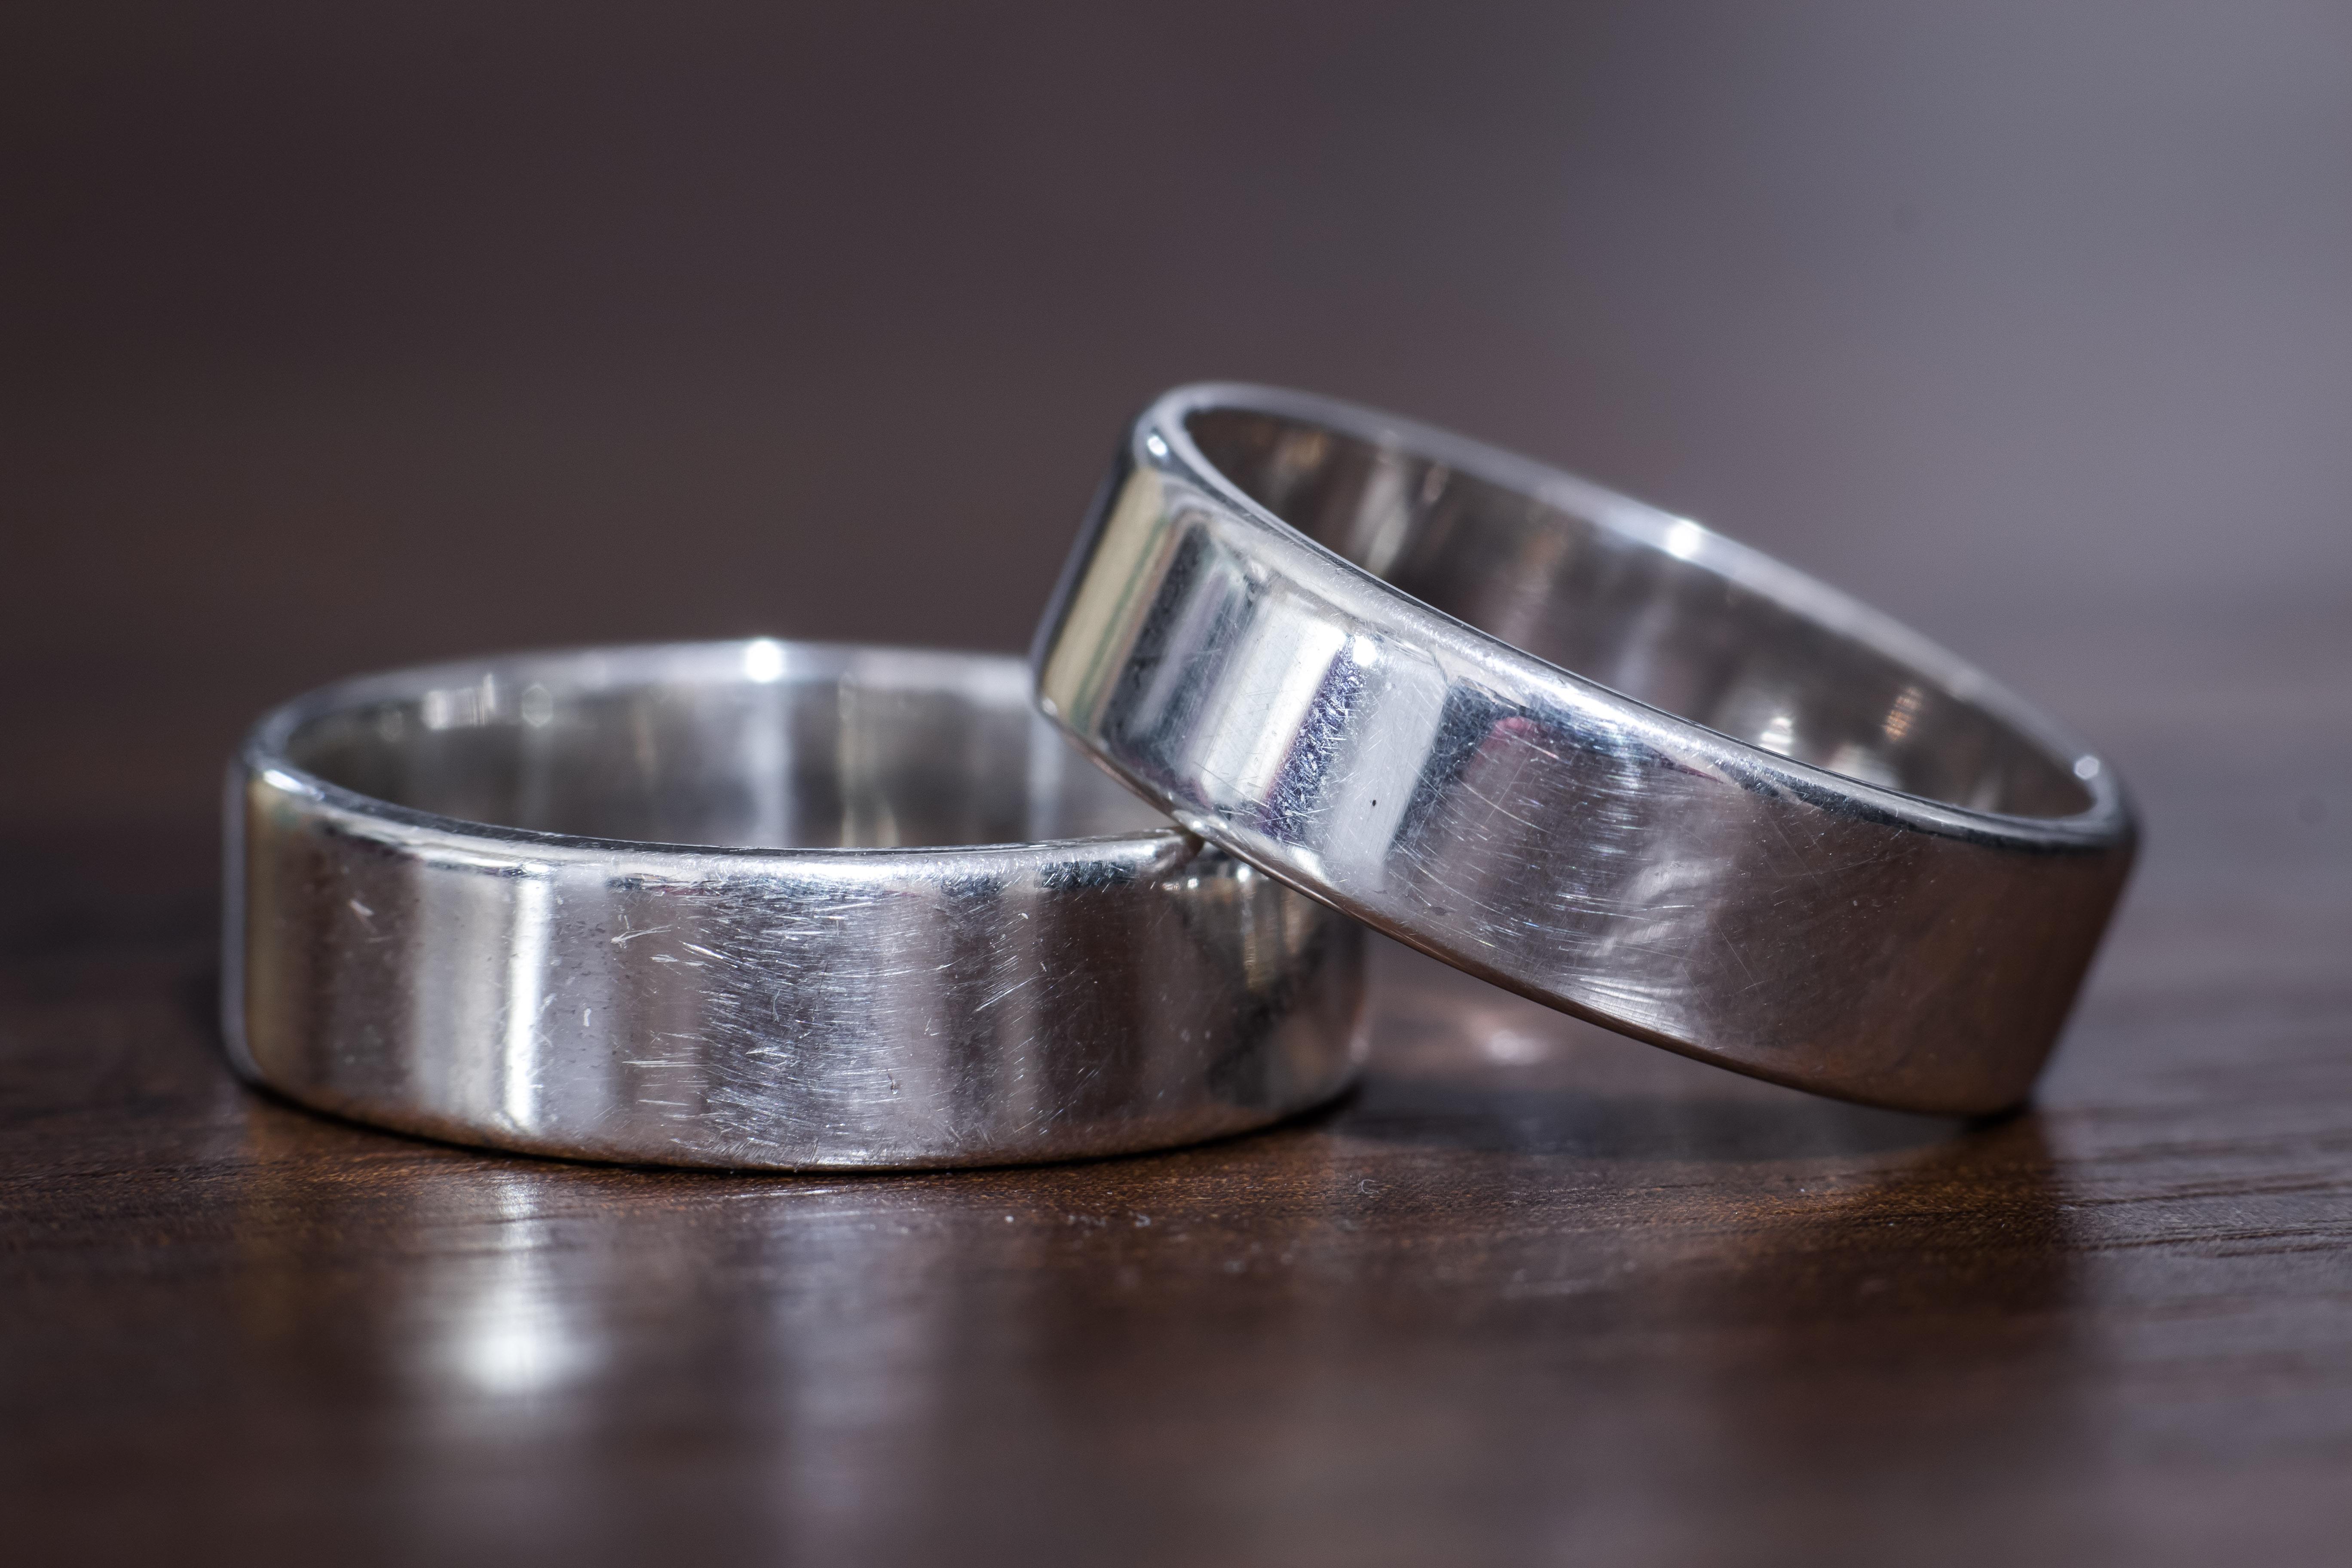 Poze Inele Metal Accesoriu De Moda Bijuterii Verigheta Argint